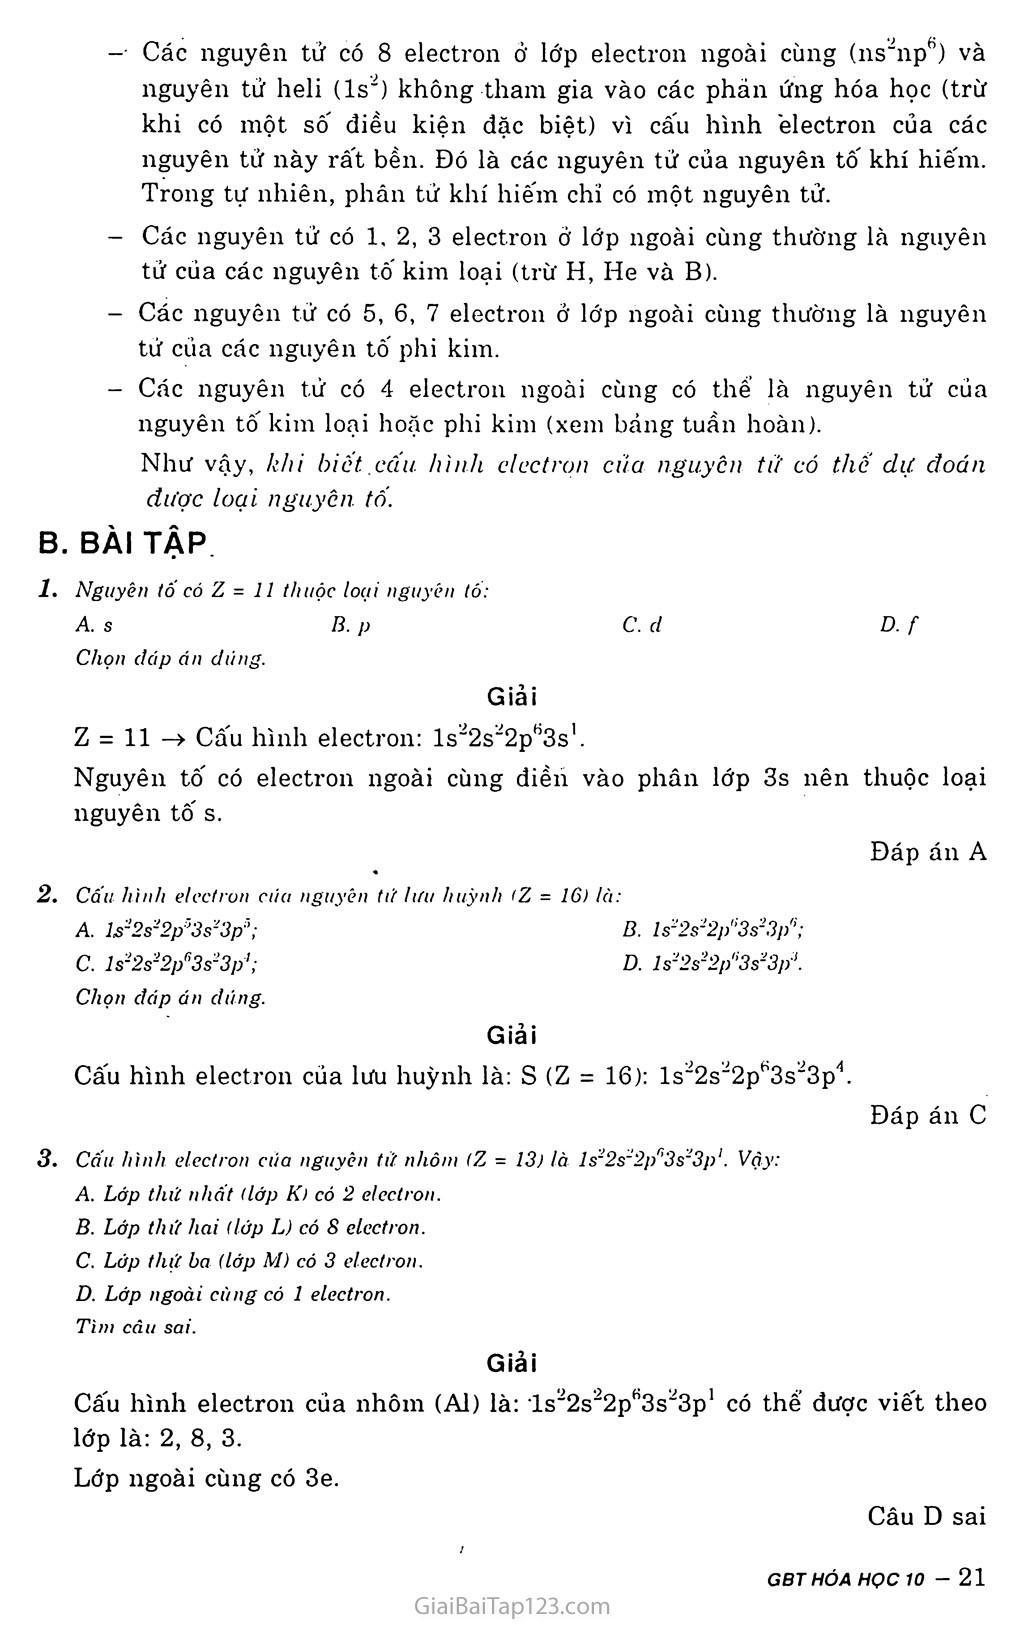 Bài 5: Cấu hình electron nguyên tử trang 4